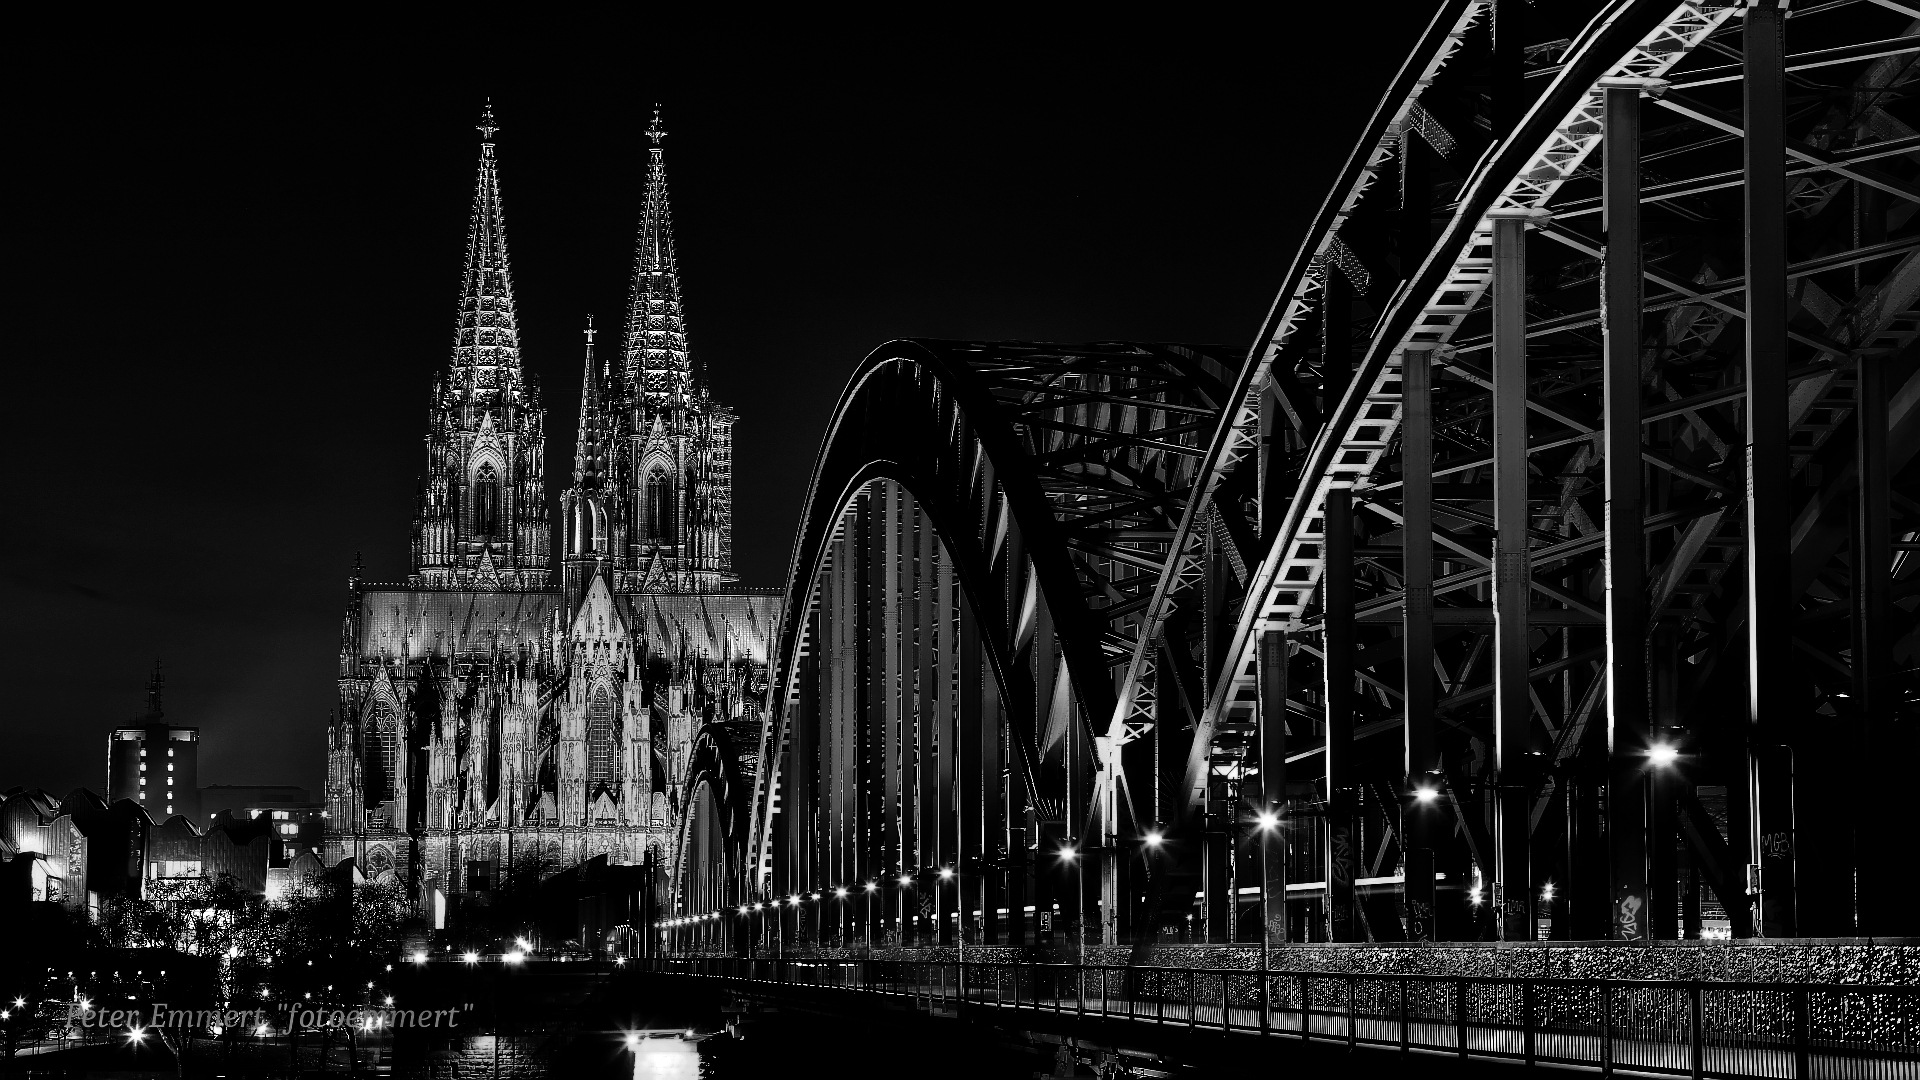 Kölner Dom by Peter Emmert